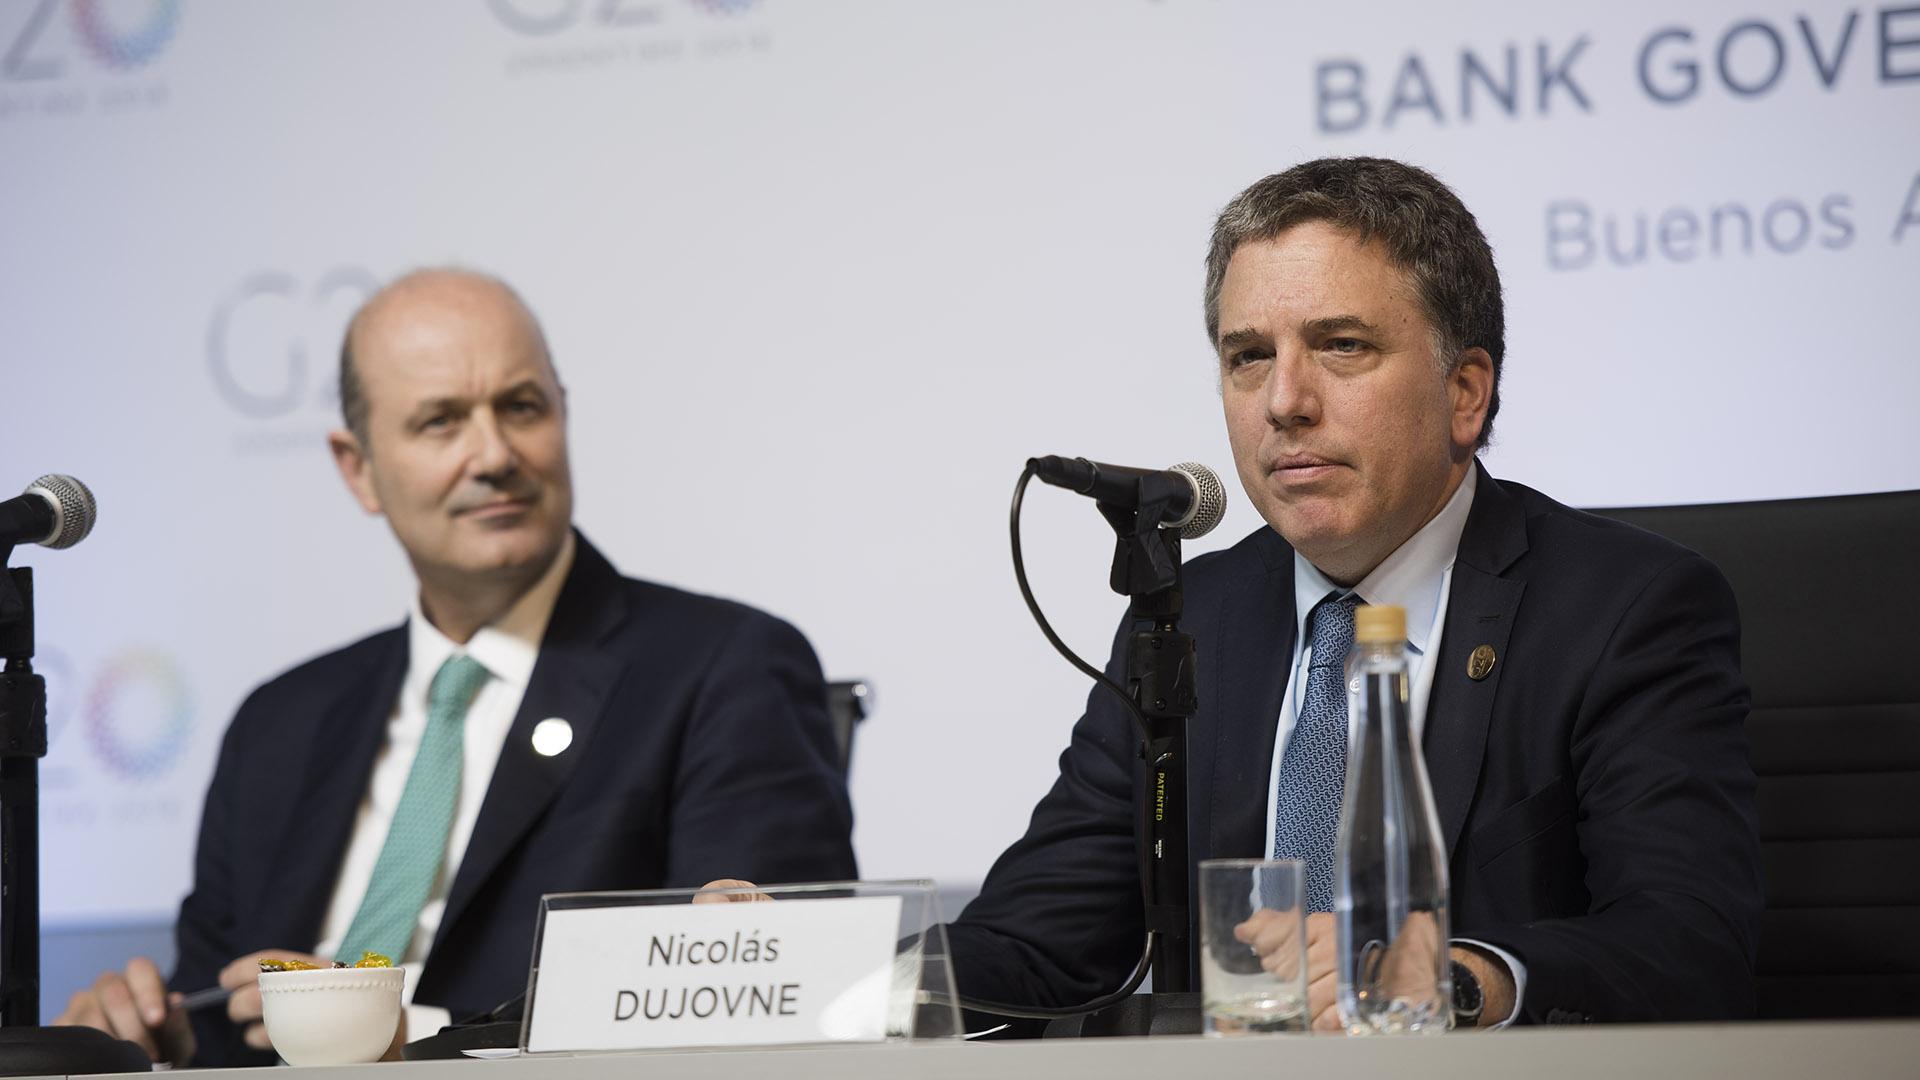 Diarios internacionales ya hablan de una posible crisis en los mercados emergentes